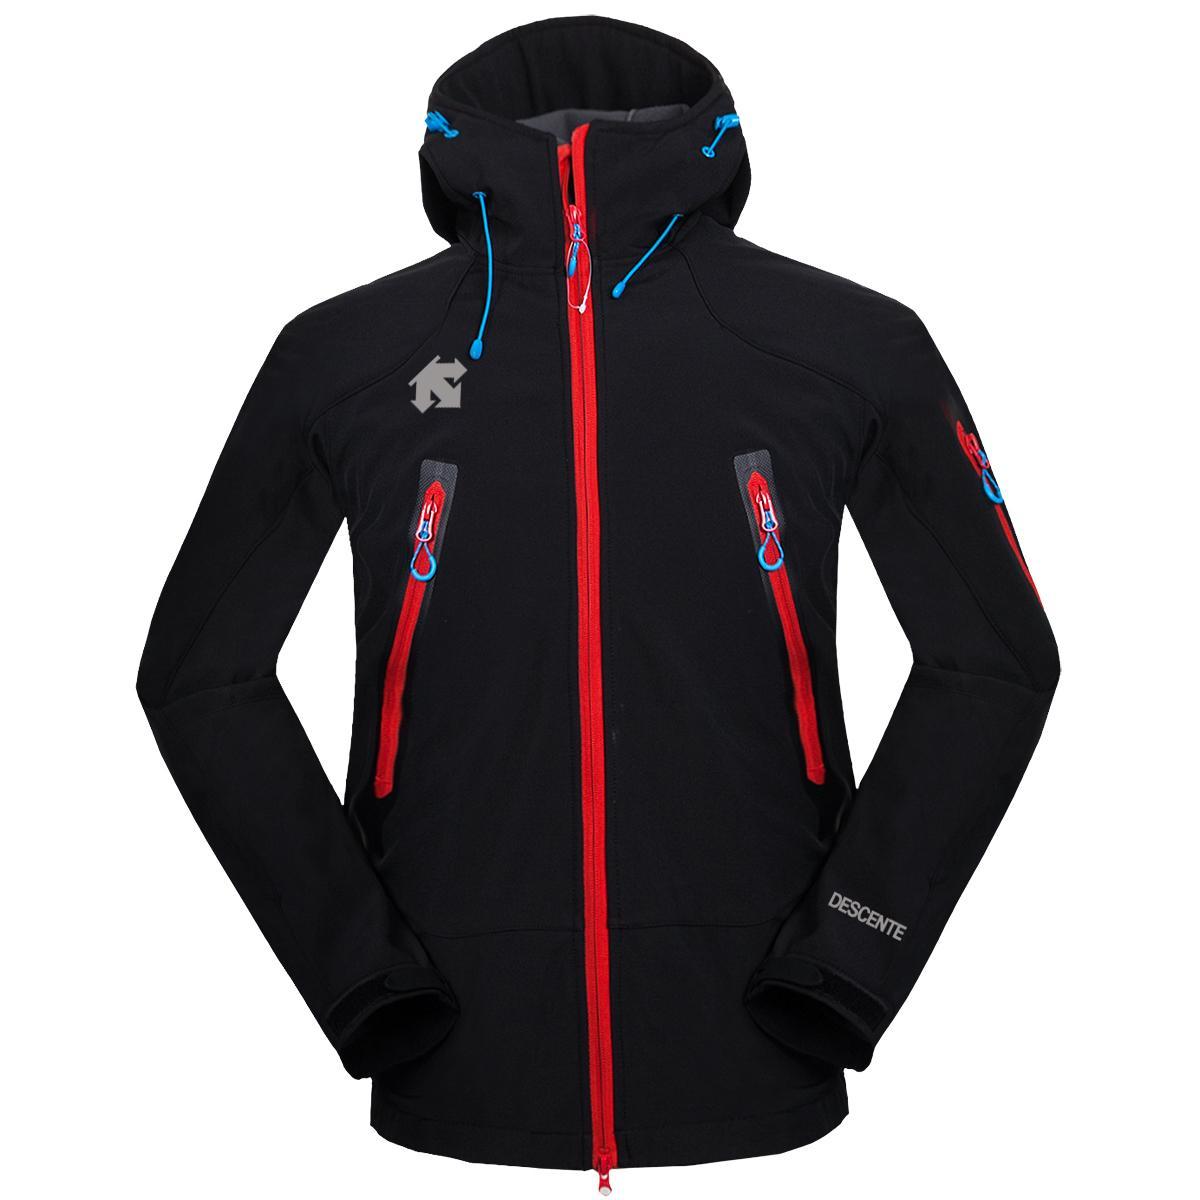 The Men Descent Softshell giacca giacca cappotto viso uomini all'aperto sportivi cappotti da uomo Sci escursionismo antivento Inverno outwear Soft Shell Giacca